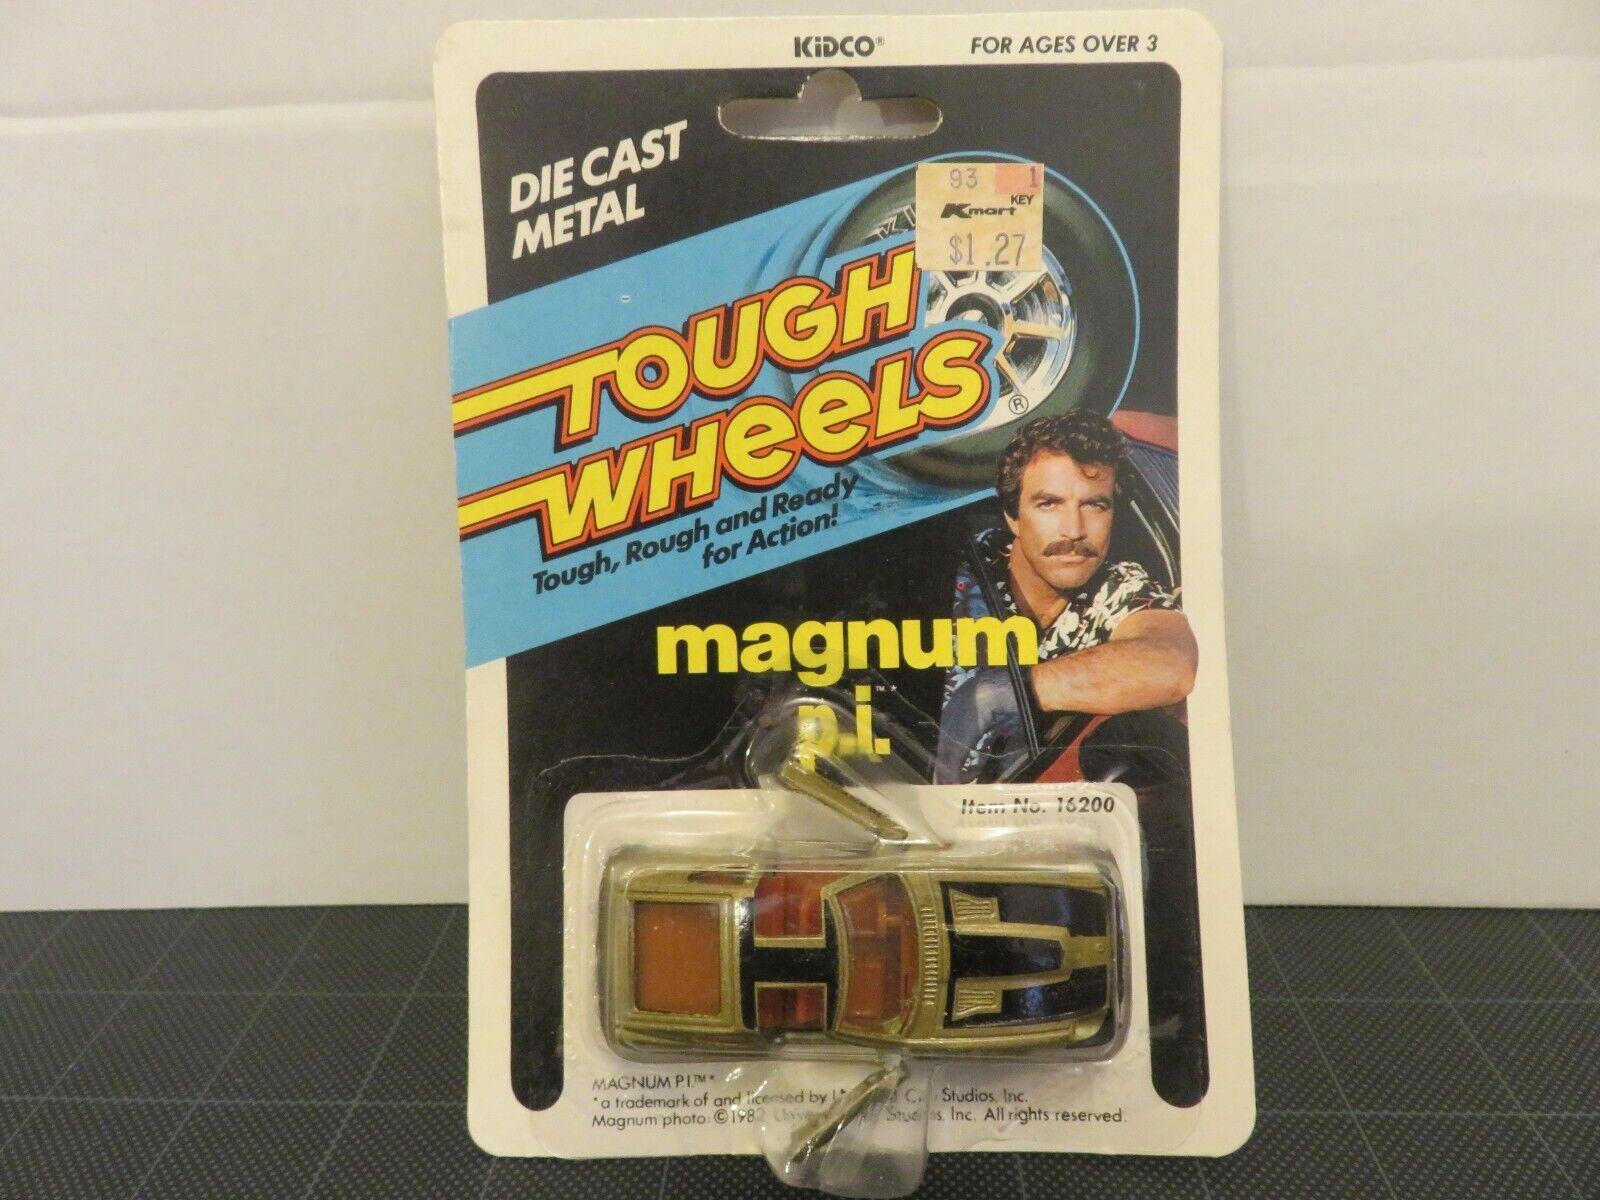 tiendas minoristas Kidco resistente ruedas Magnum P.I. Datsun Datsun Datsun 280 ZX 1982 de metal fundido a troquel  ahorra hasta un 30-50% de descuento